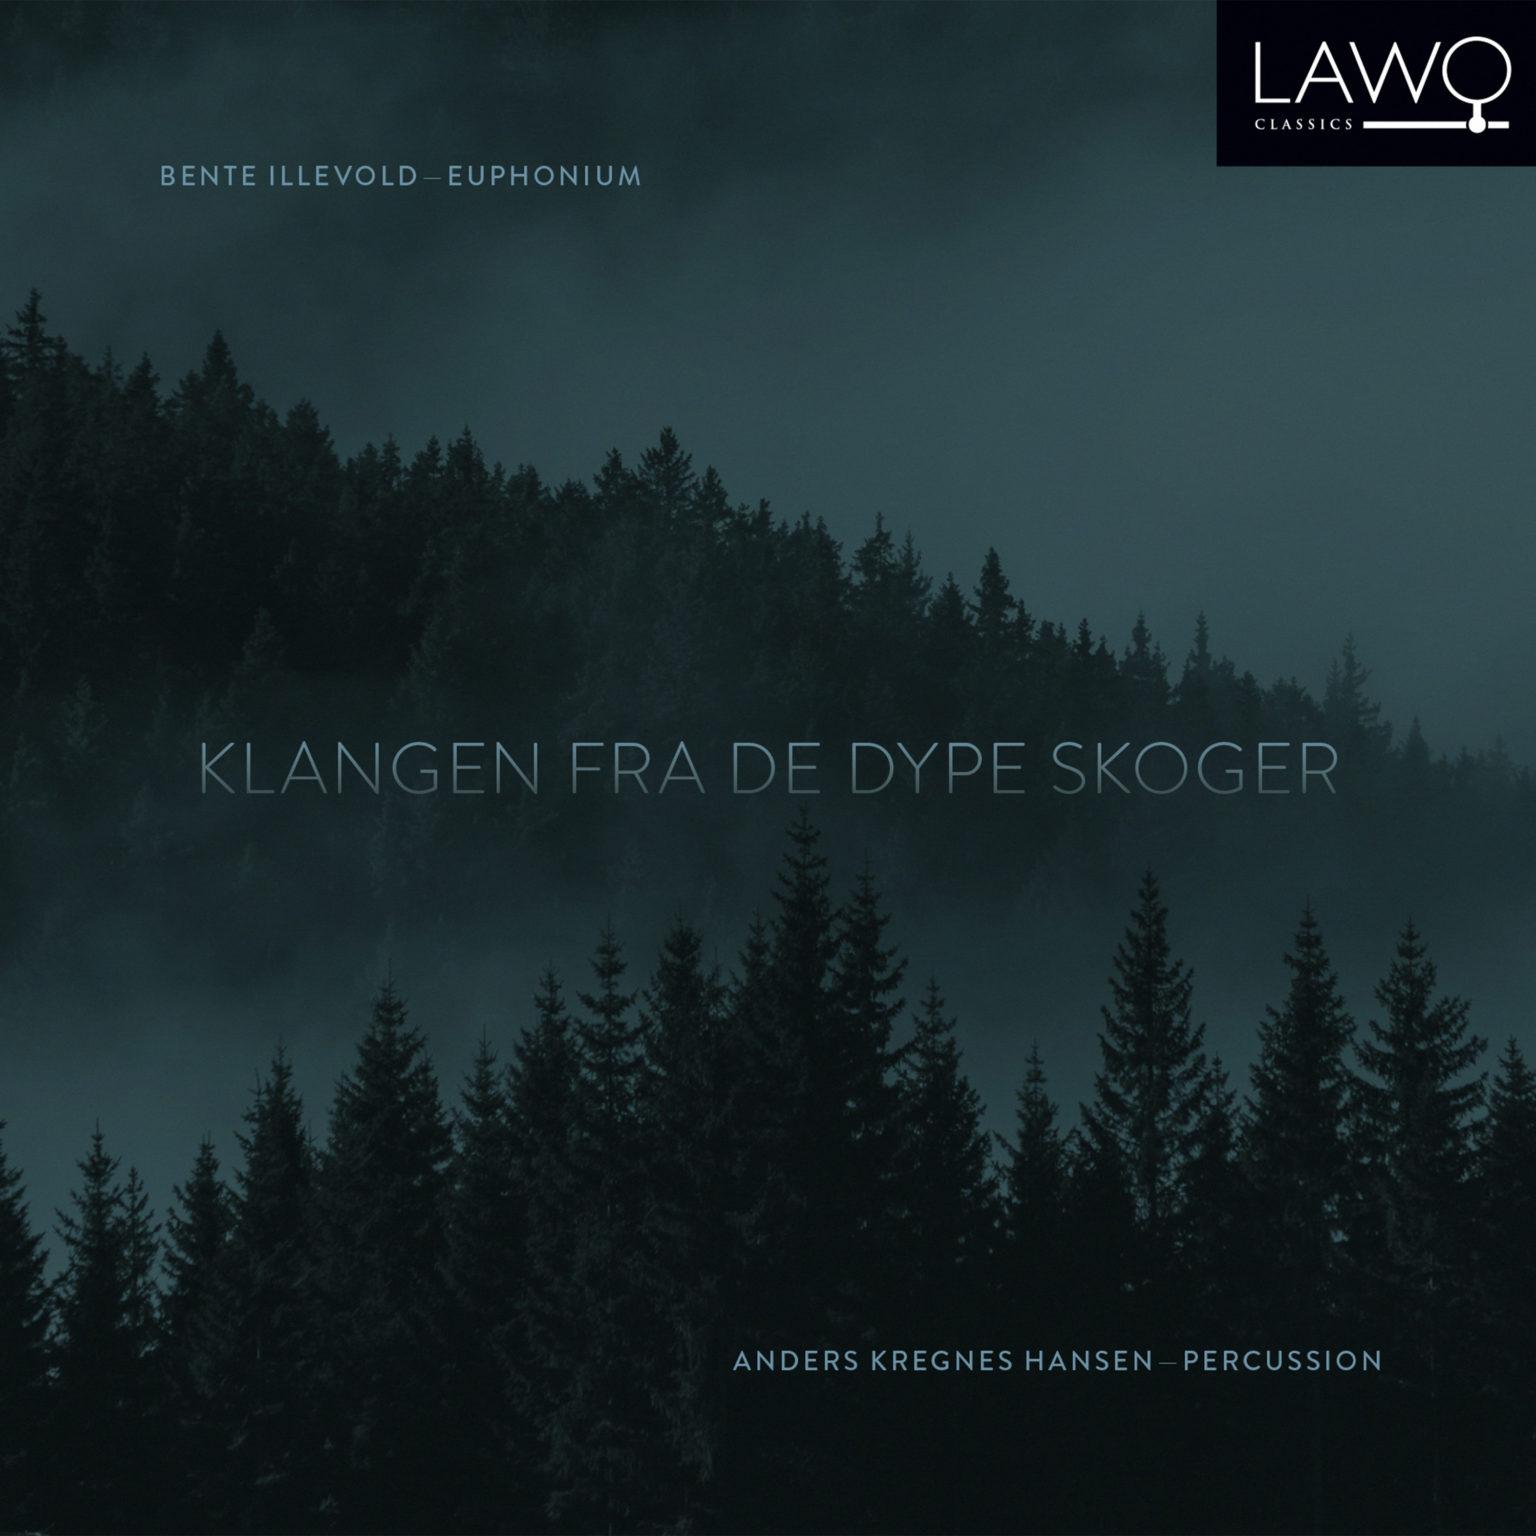 Click image for larger version.  Name:LWC1195_Bente_Illevold_Klangen_fra_de_dype_skoger_cover_3000x3000px-1536x1536.jpg Views:333 Size:174.8 KB ID:7720